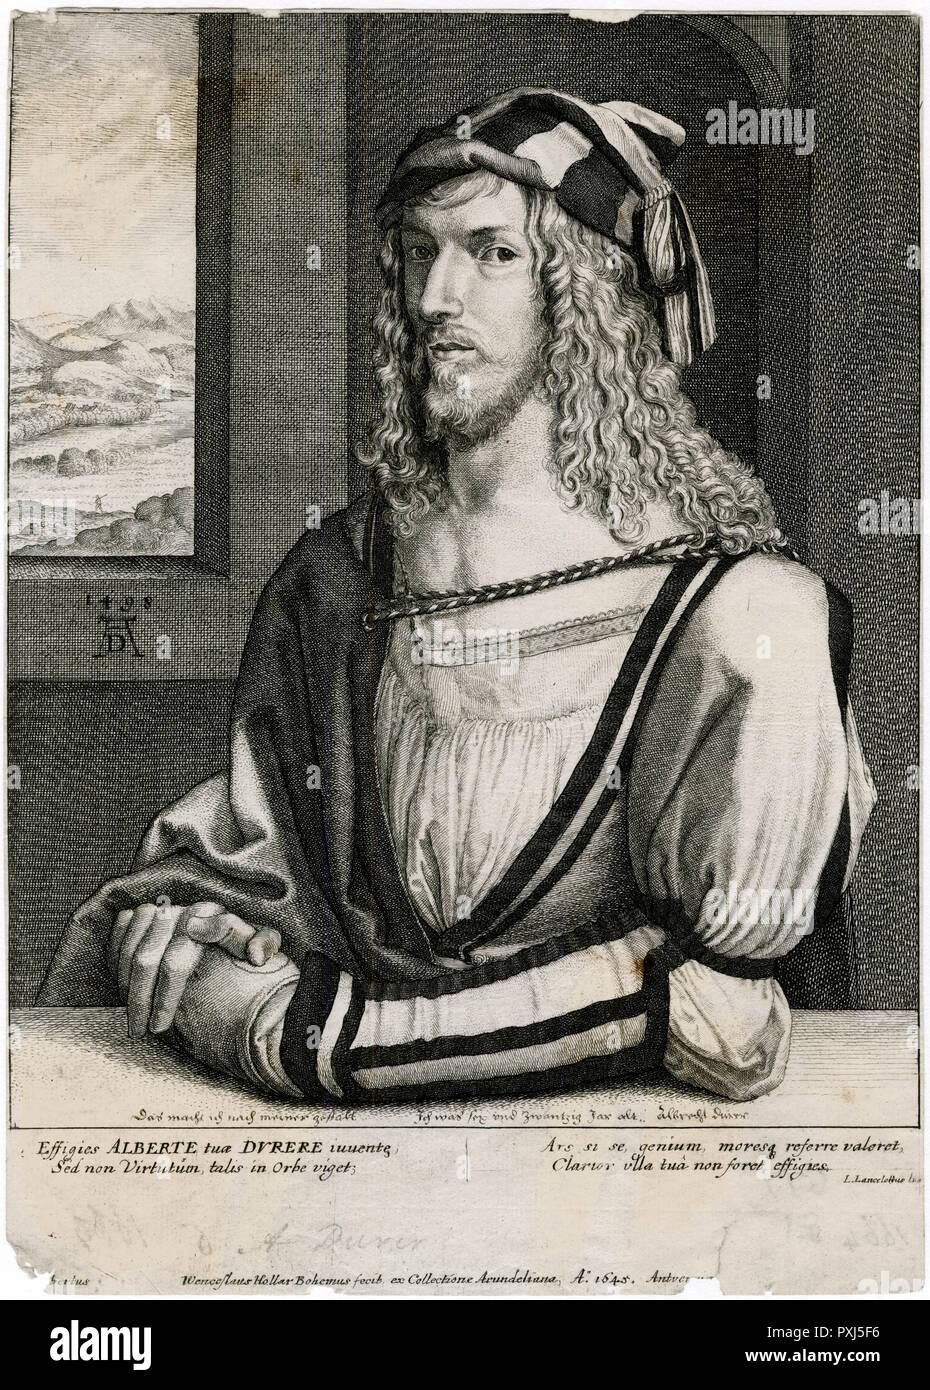 ALBRECHT DURER deutsche Künstler und Graveur, mit einer Landschaft im Hintergrund Datum: 1471-1528 Stockbild